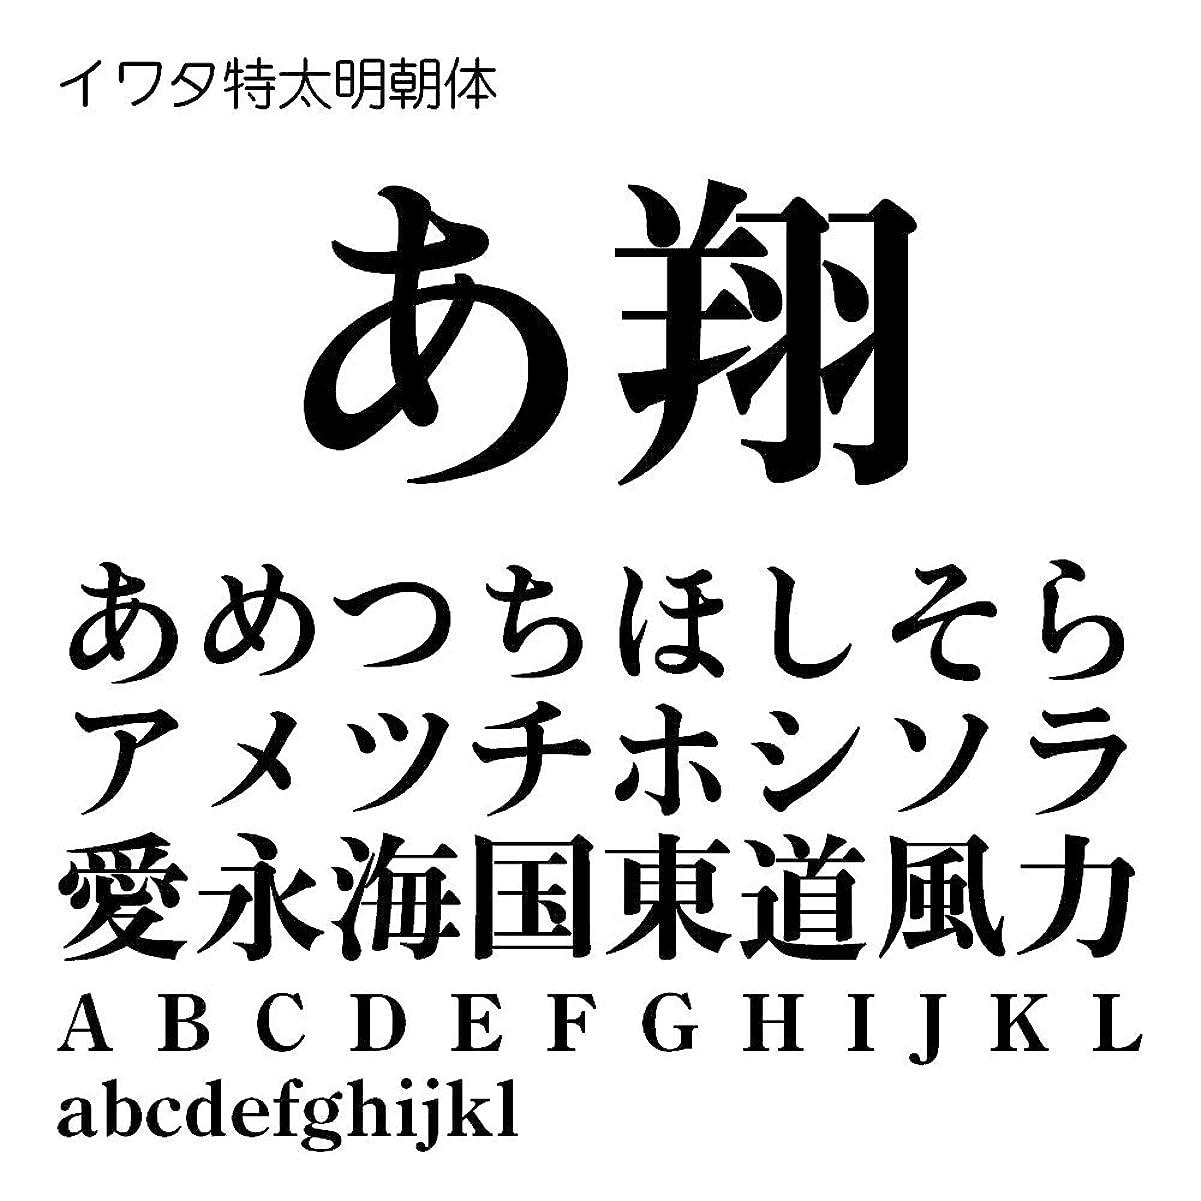 プラグどんよりした召喚するイワタ特太明朝体Pro OpenType Font for Windows [ダウンロード]